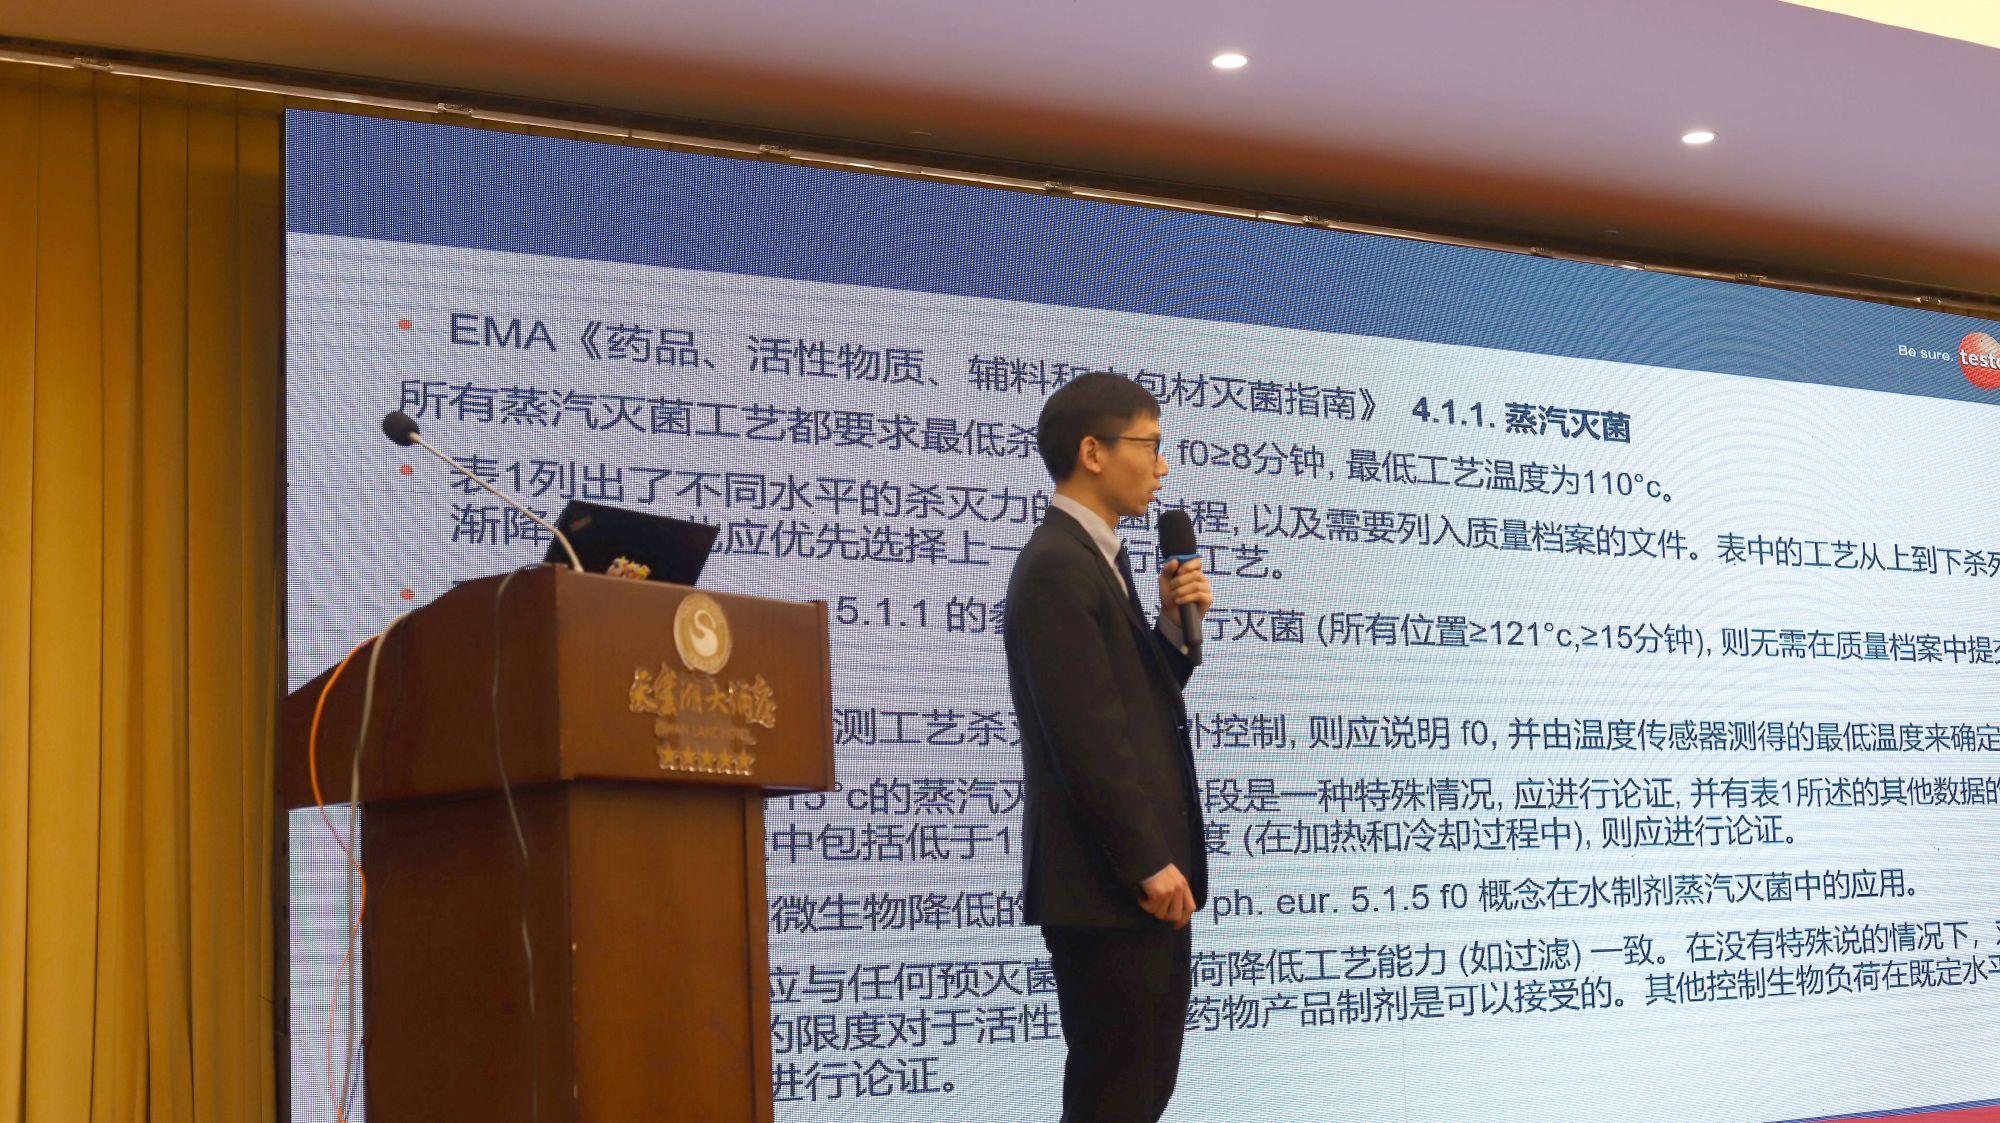 王正 德图仪器环境监测自动化管理专家